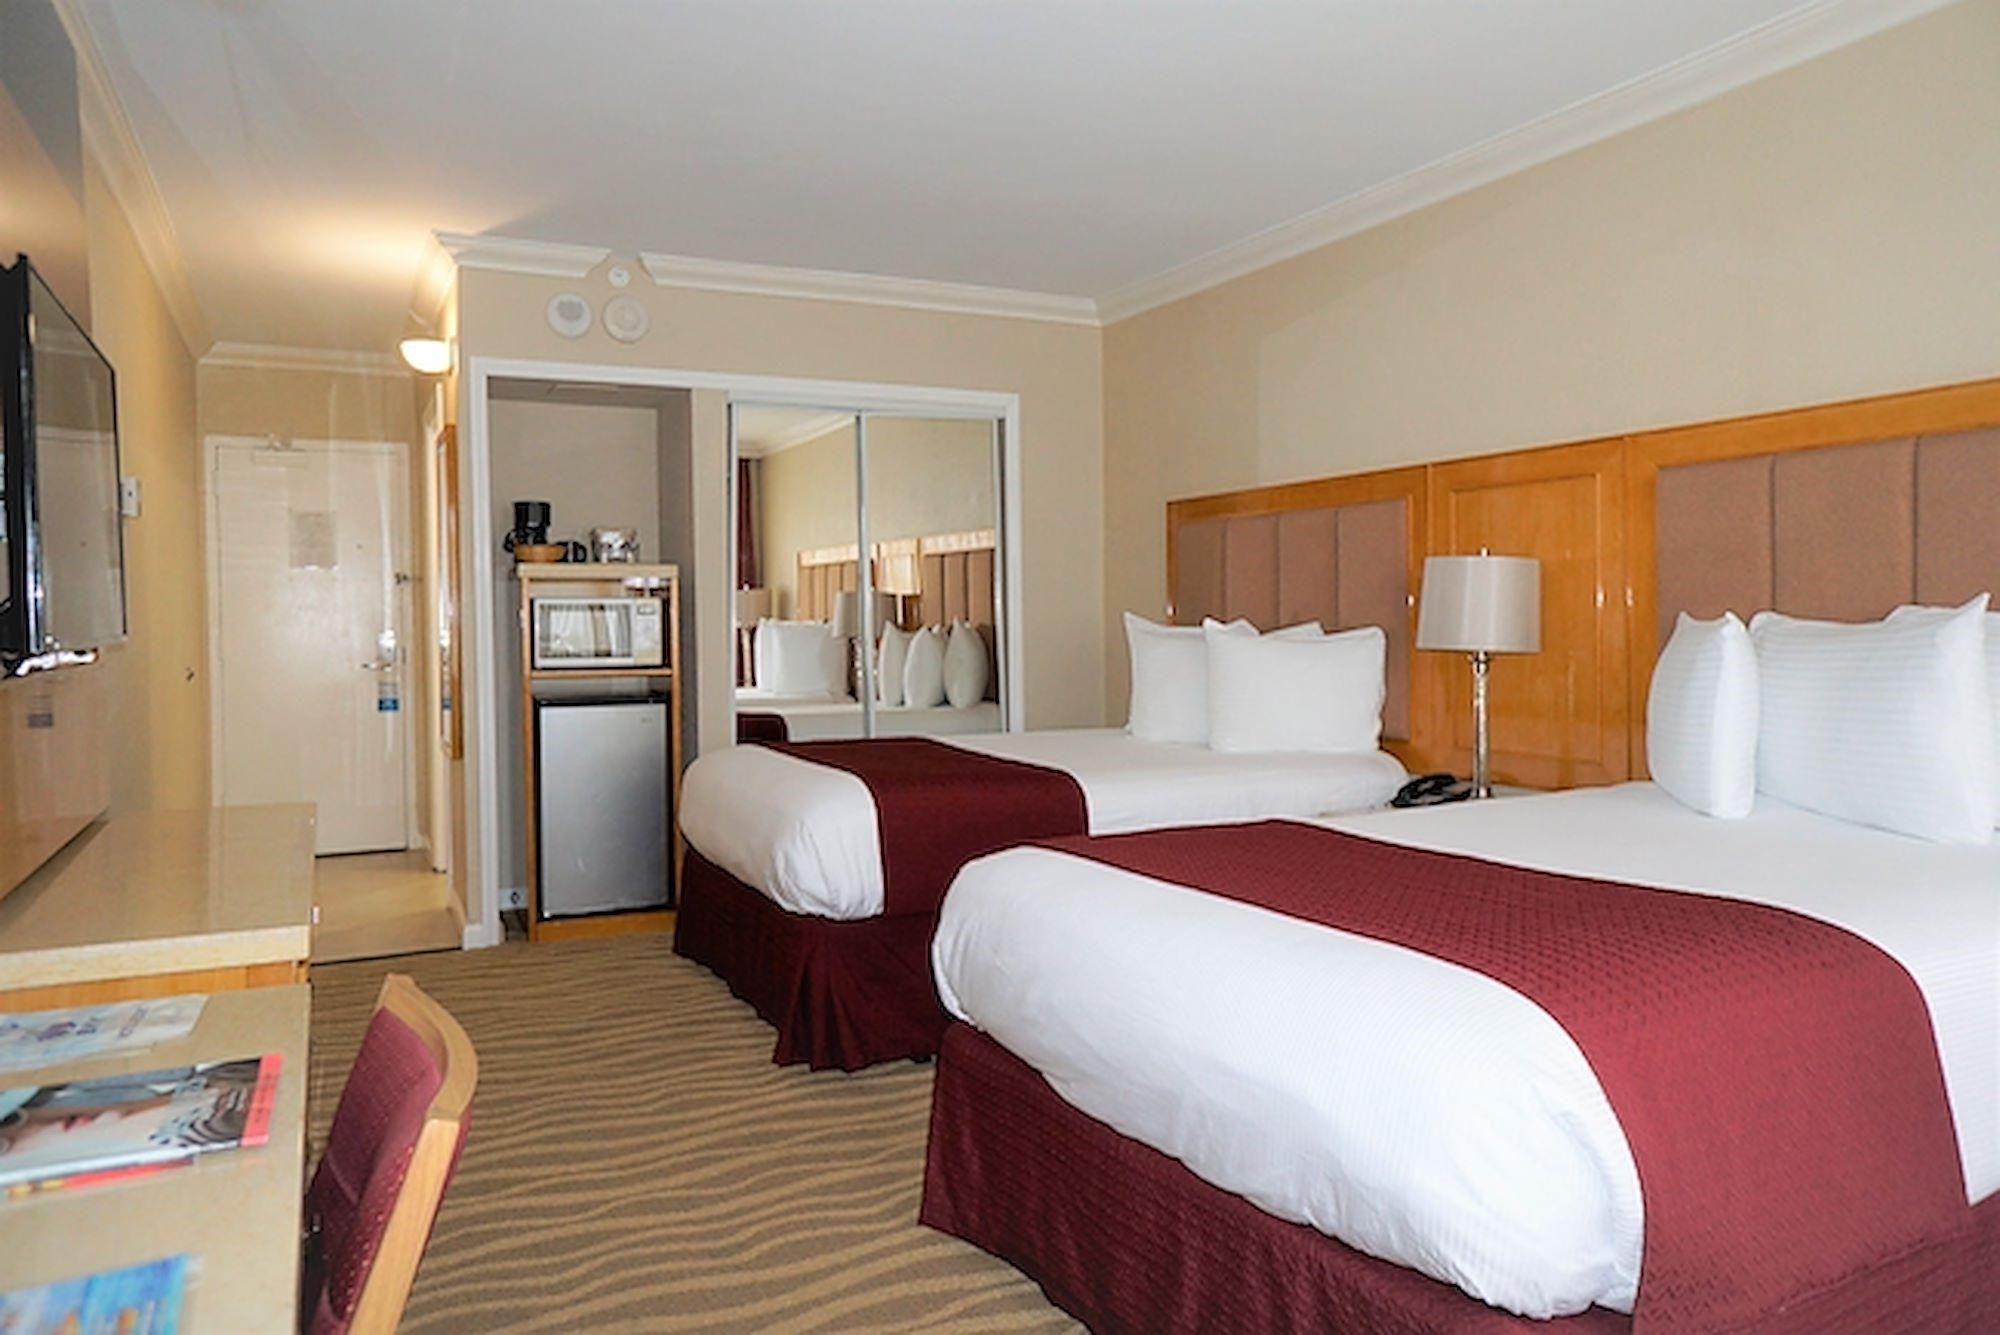 Ocean Sky Hotel- Standard 2 Double Bedroom